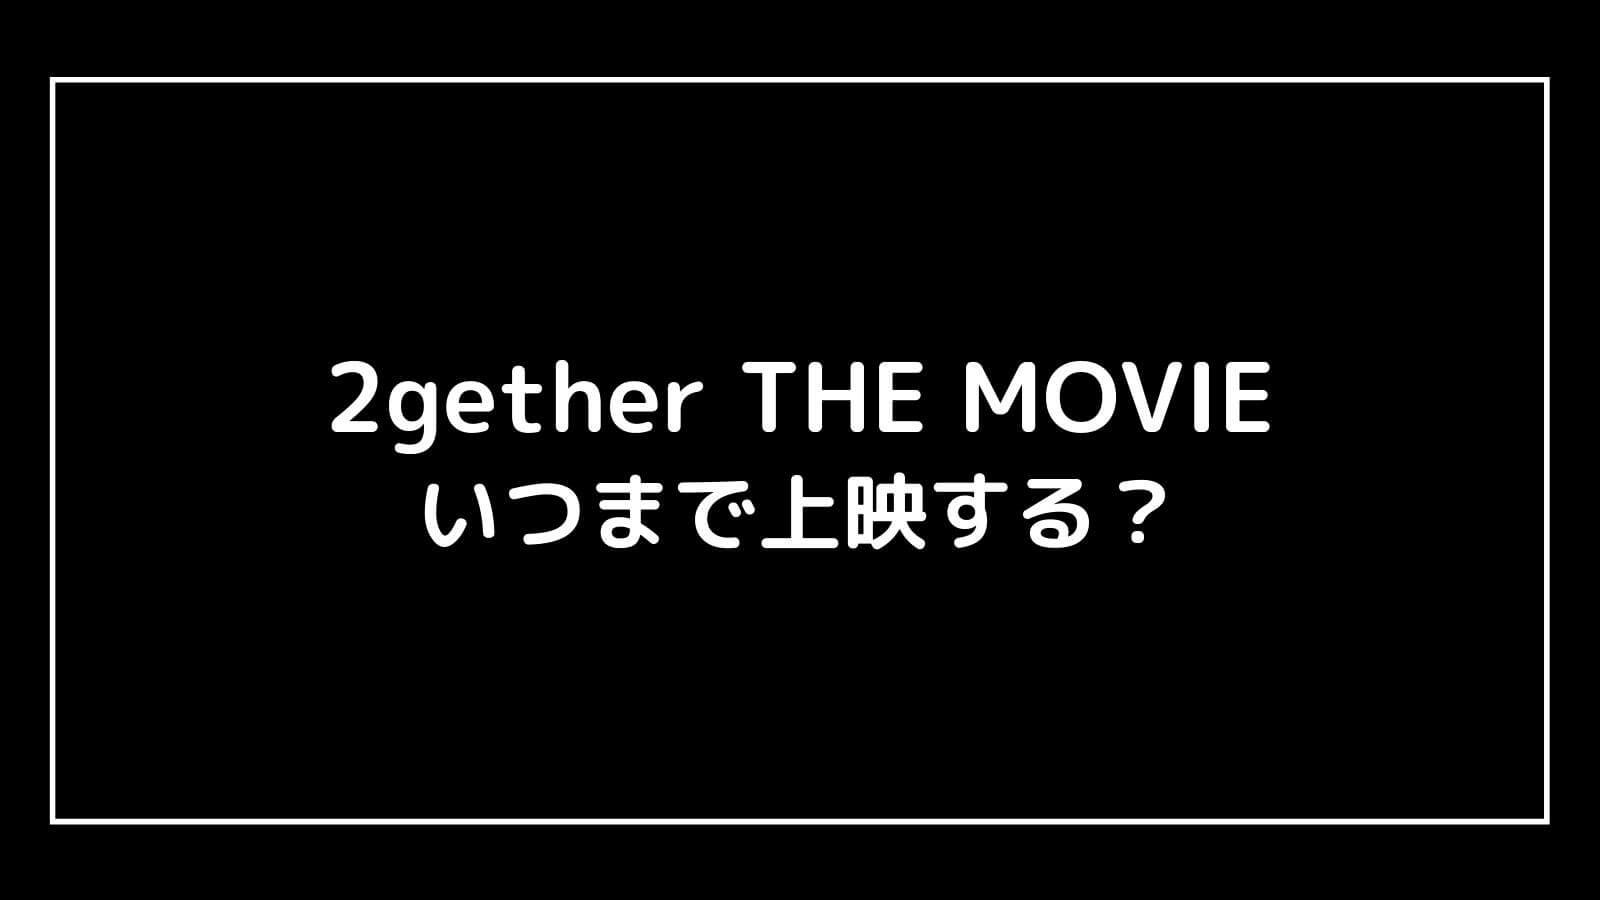 映画『2gether THE MOVIE』はいつまで上映する?元映画館社員が上映期間を予想